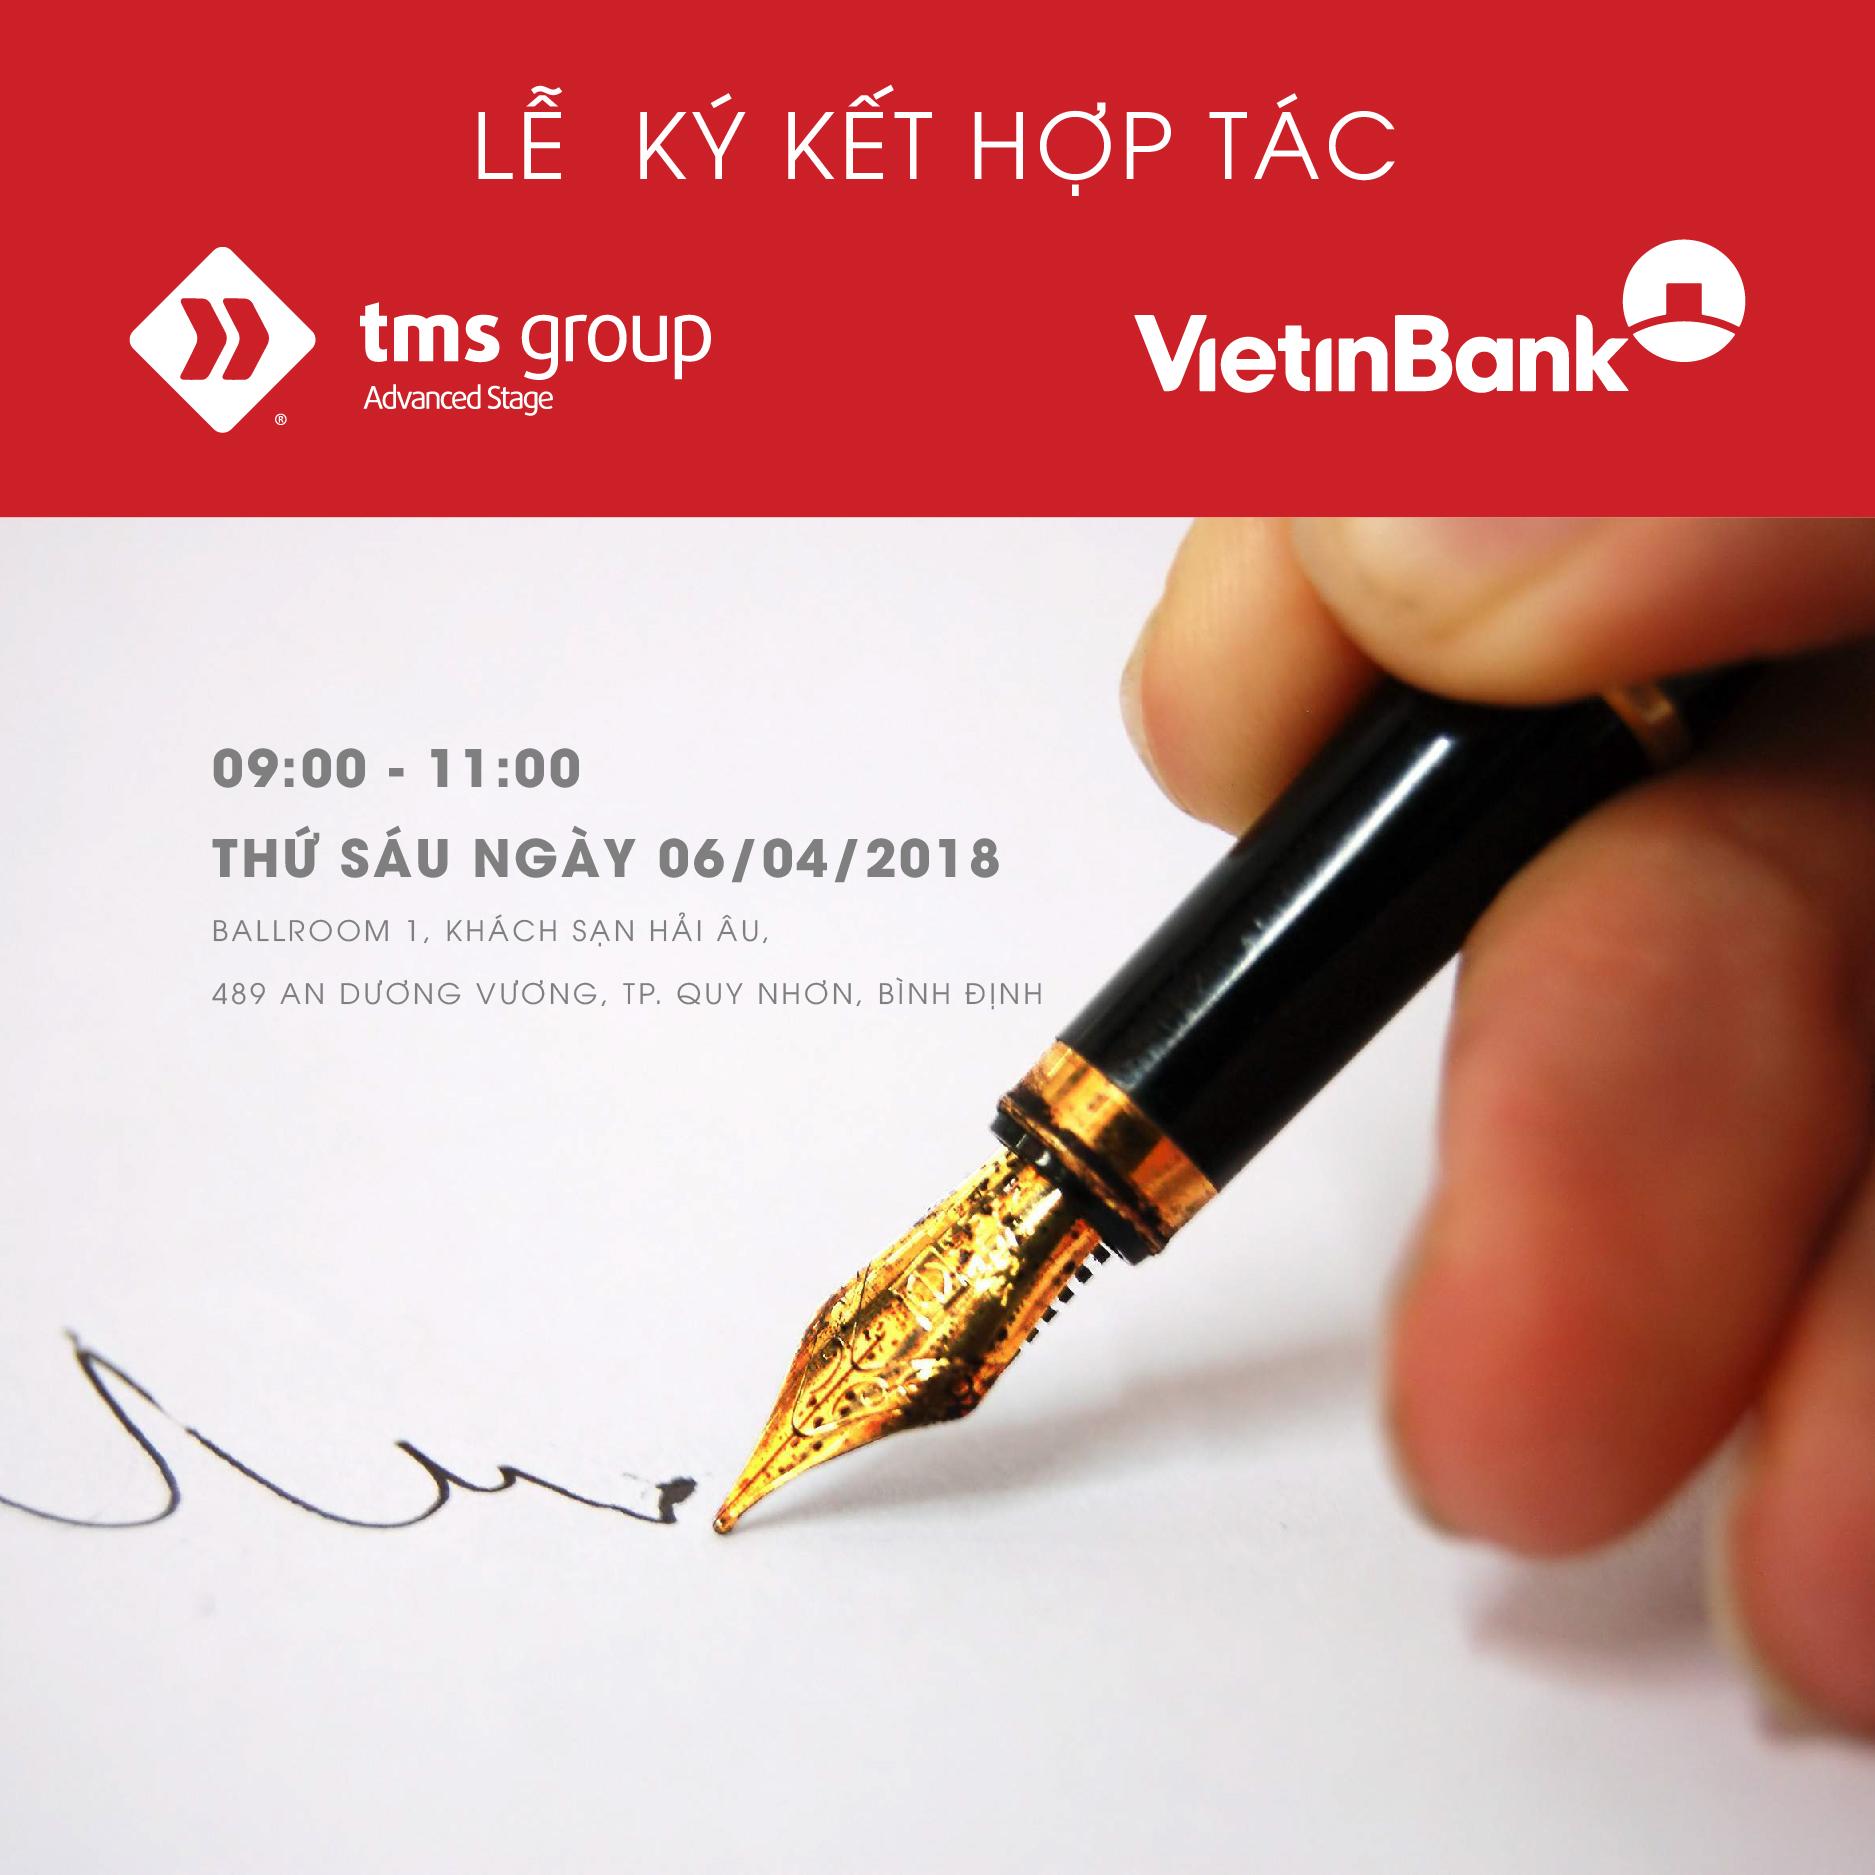 tms-group-ky-hop-tac-vietinbank